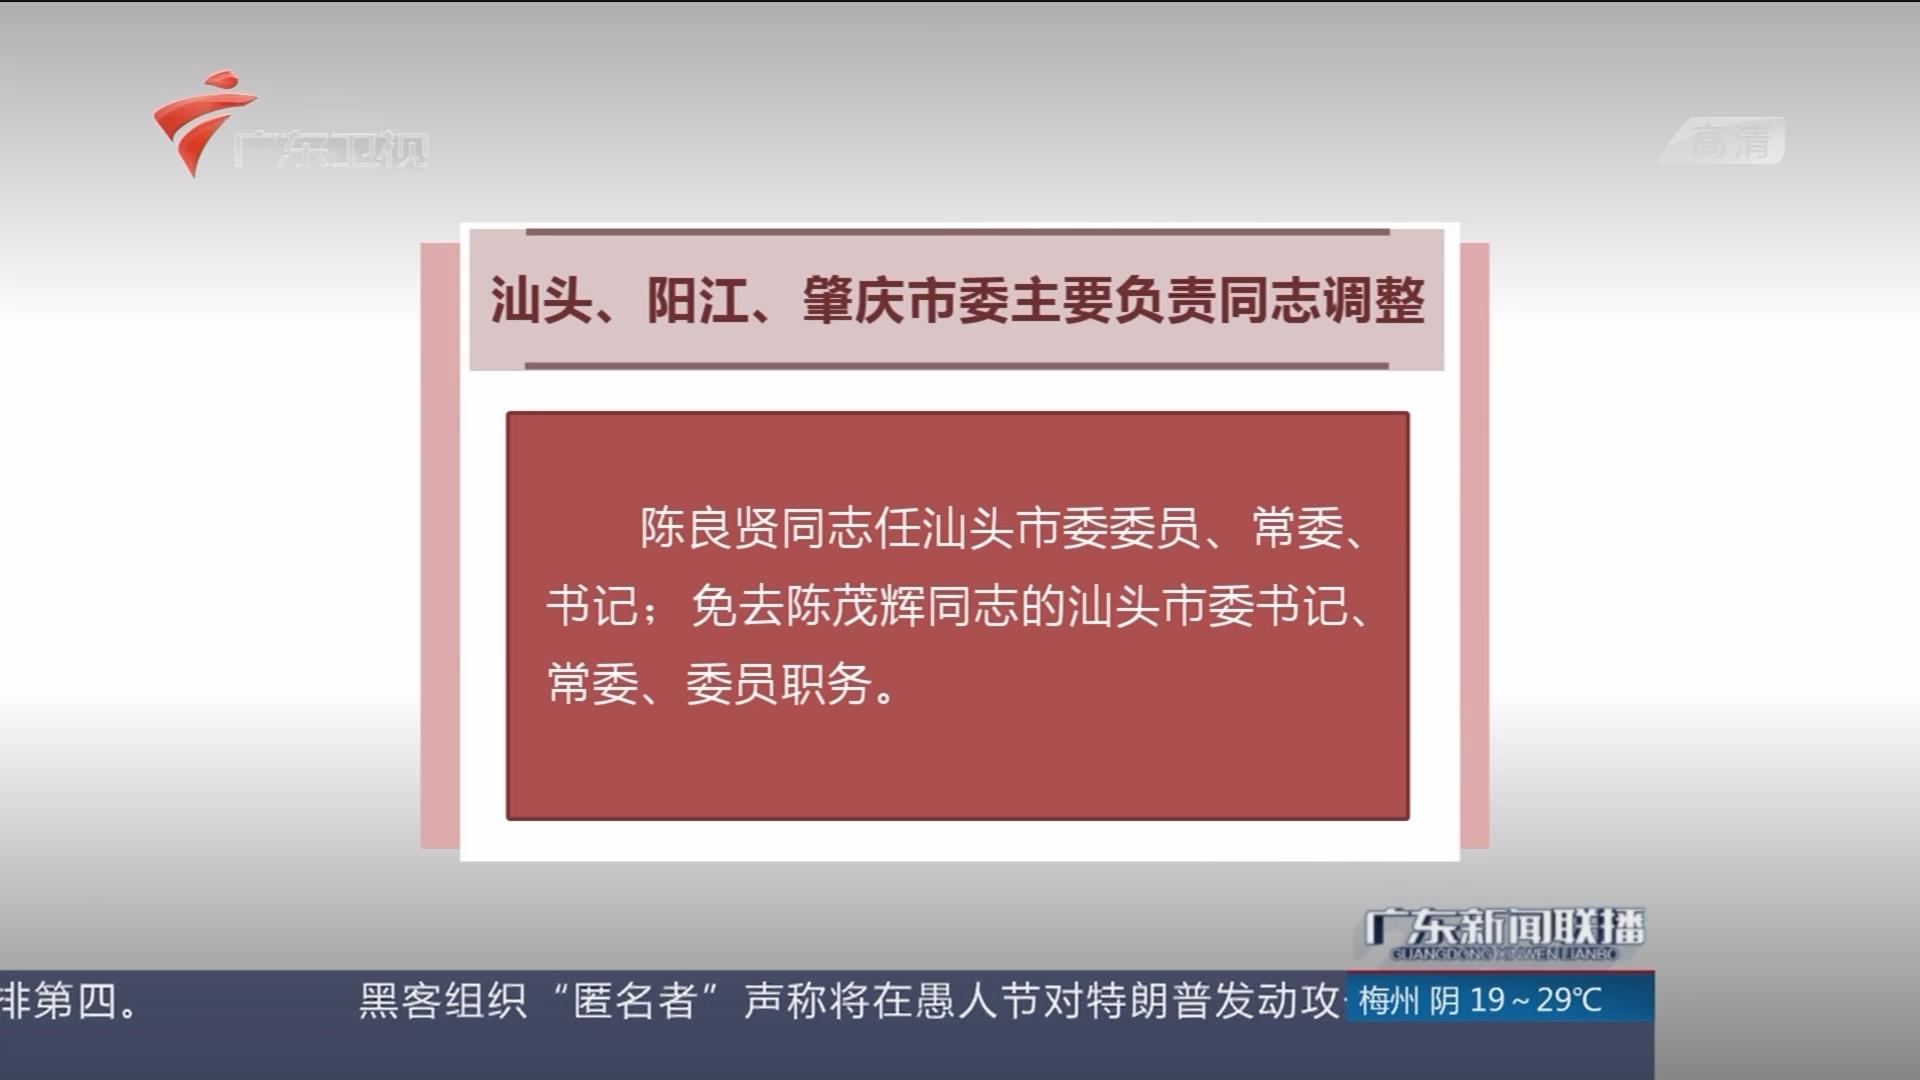 汕头、阳江、肇庆市委主要负责同志调整